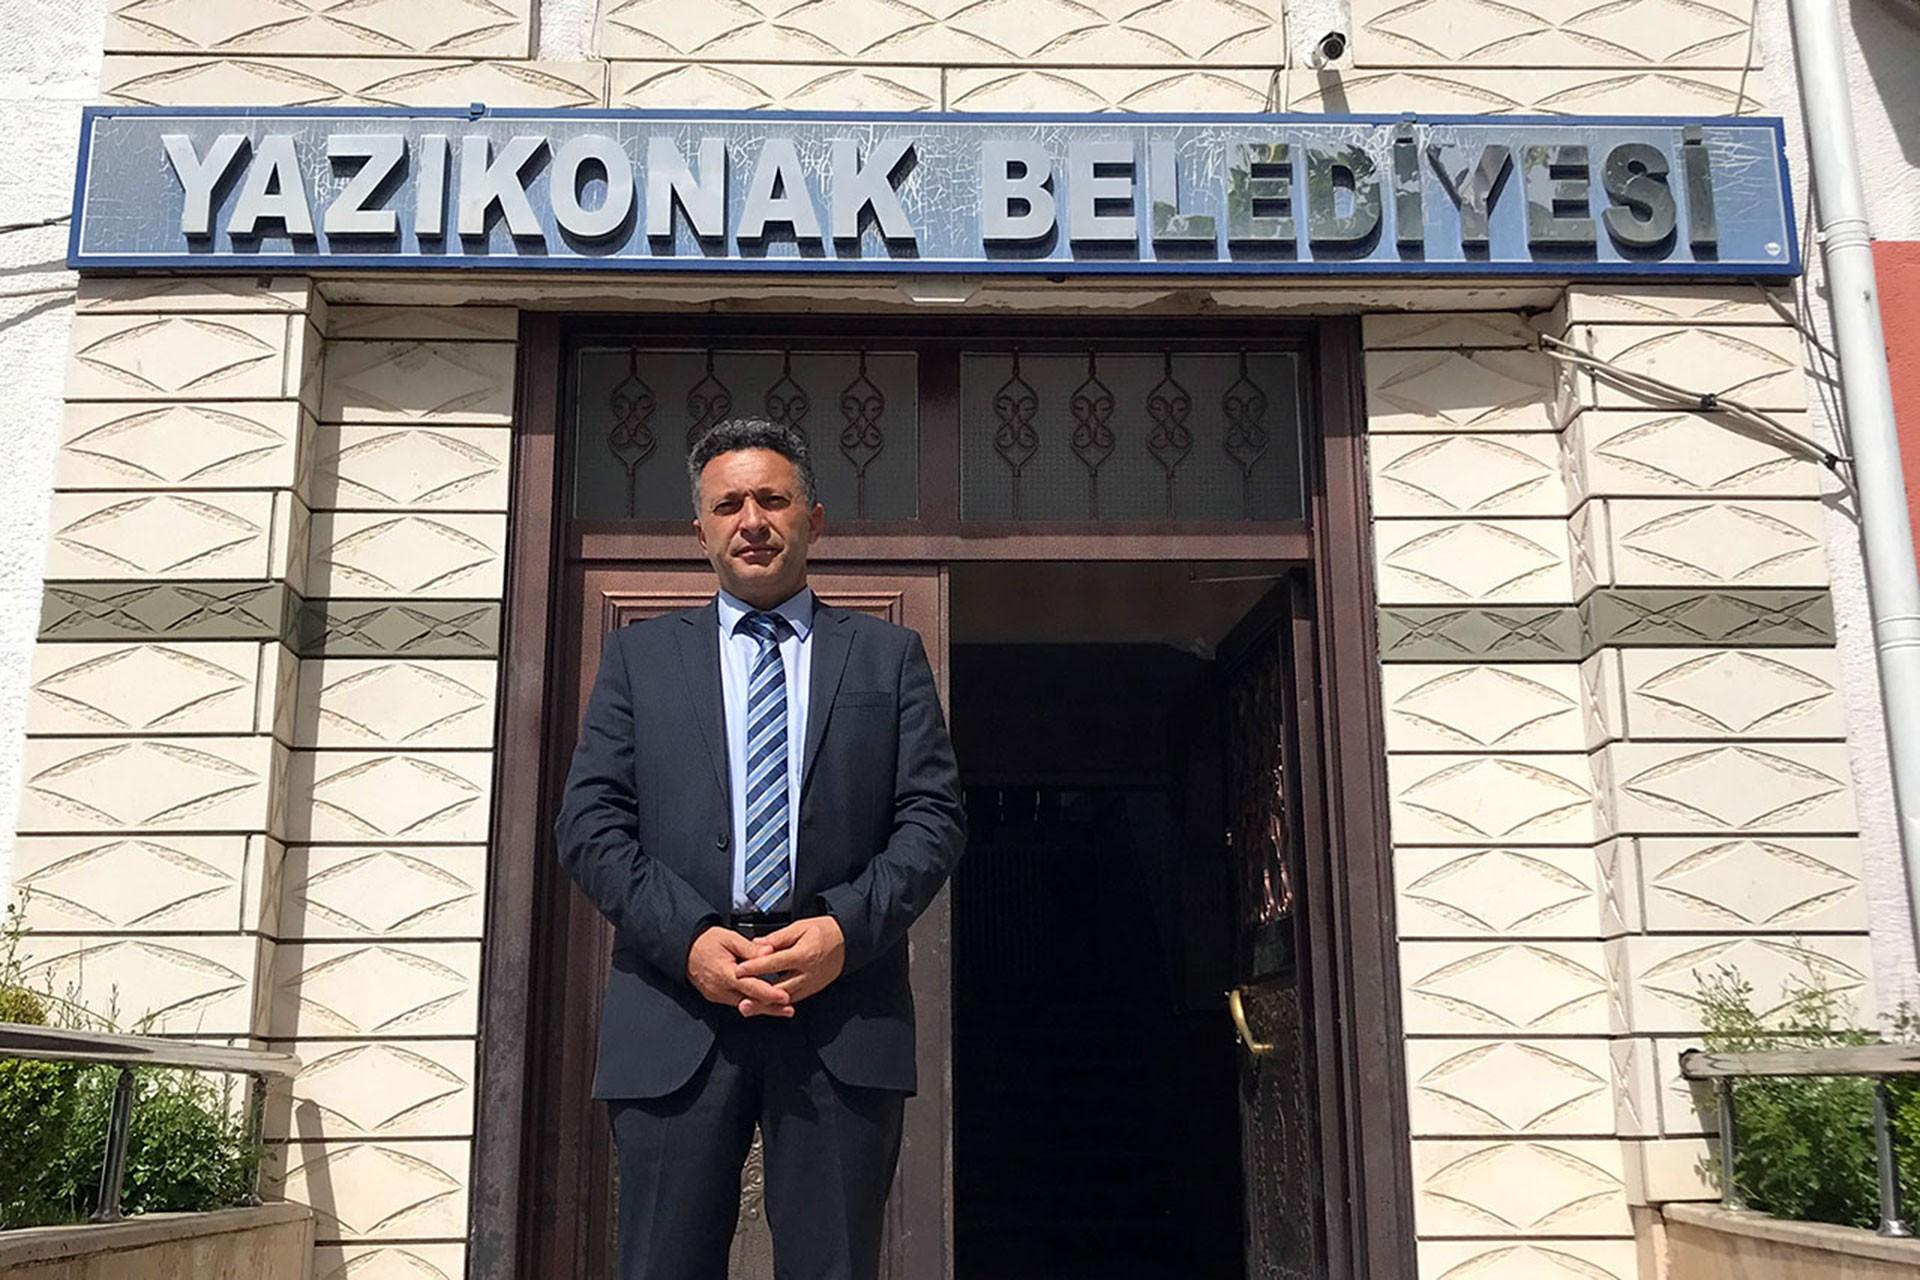 Elazığ'da Yazıkonak Belediyesinde 21 bin TL'ye tespih alınmış